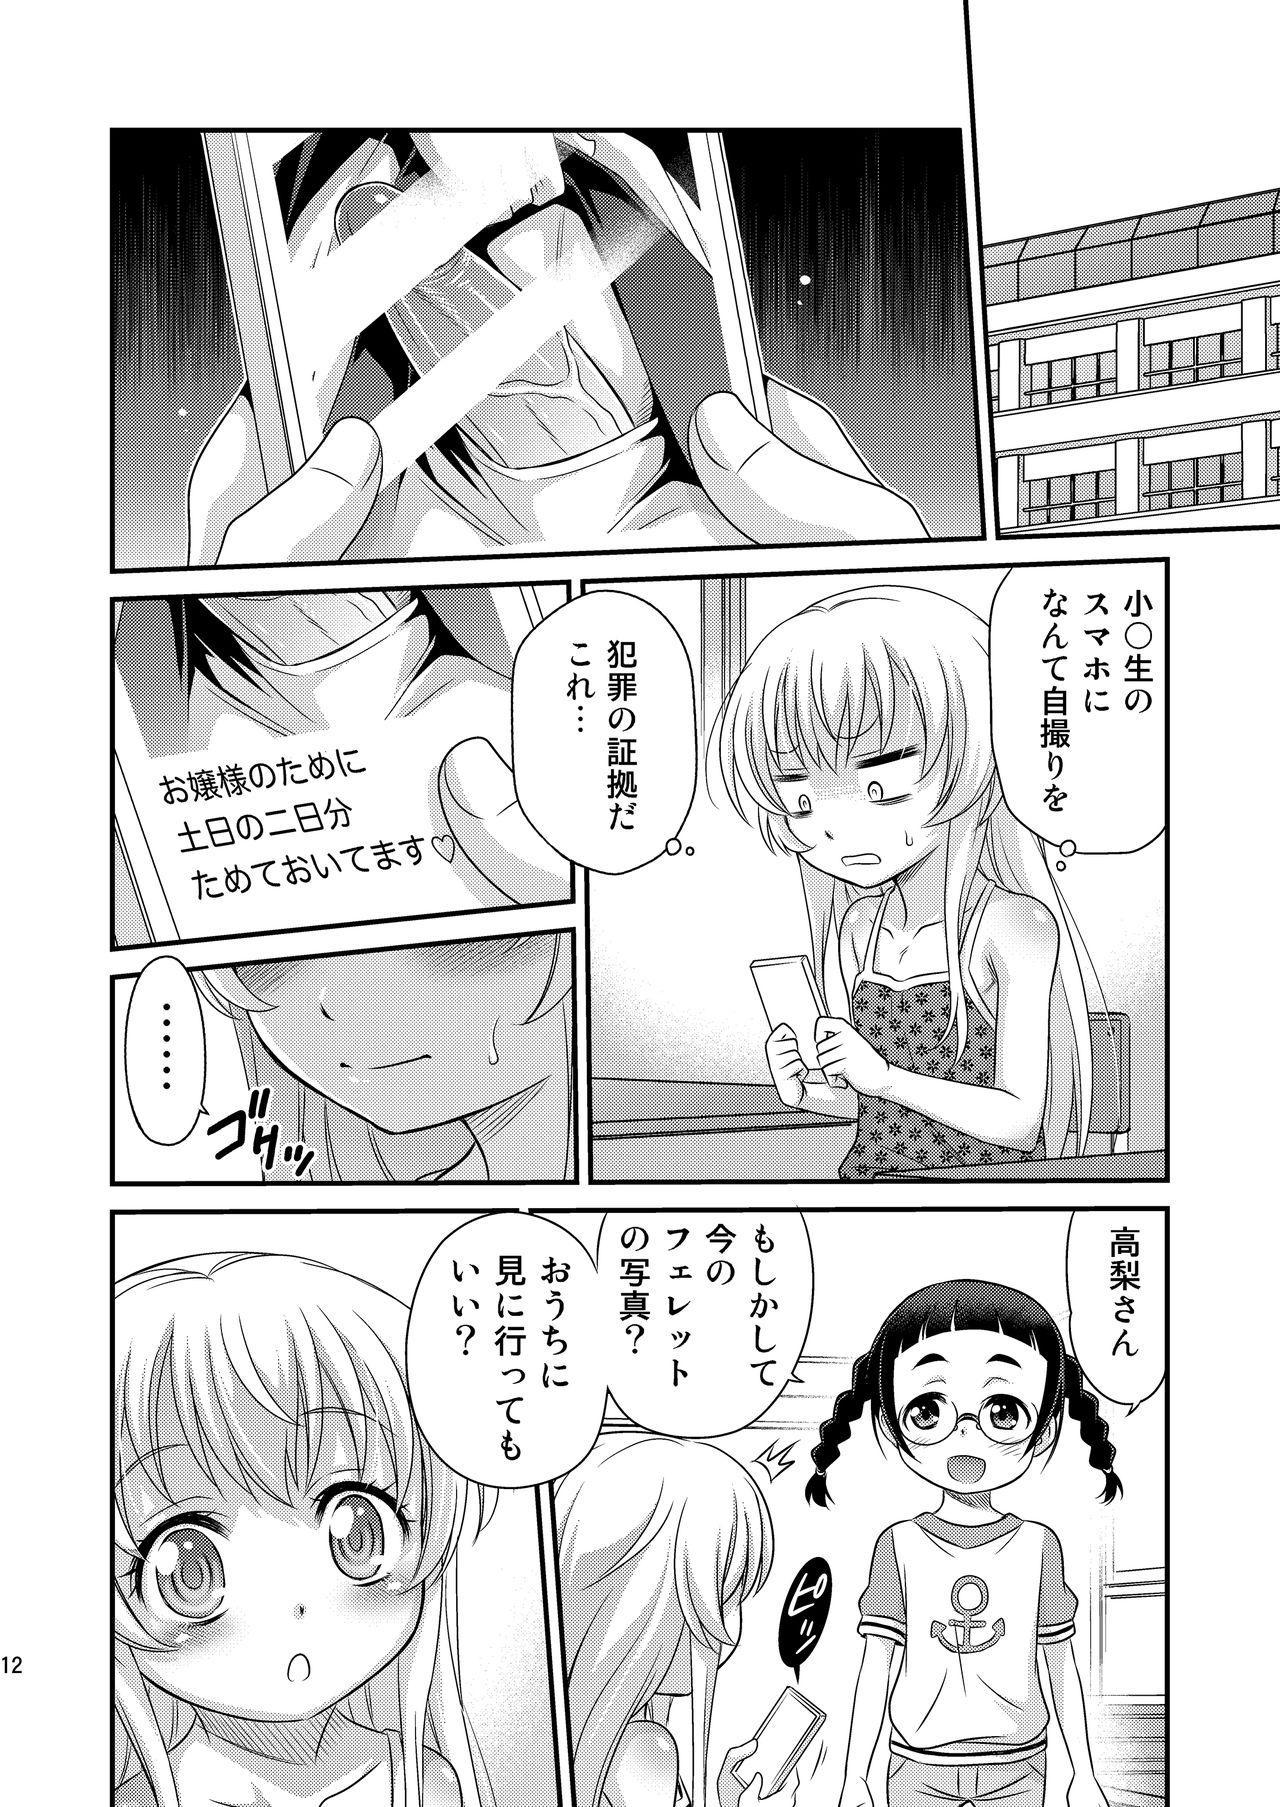 Saotsuki Maid ni Moteasobarete Imasu! 11